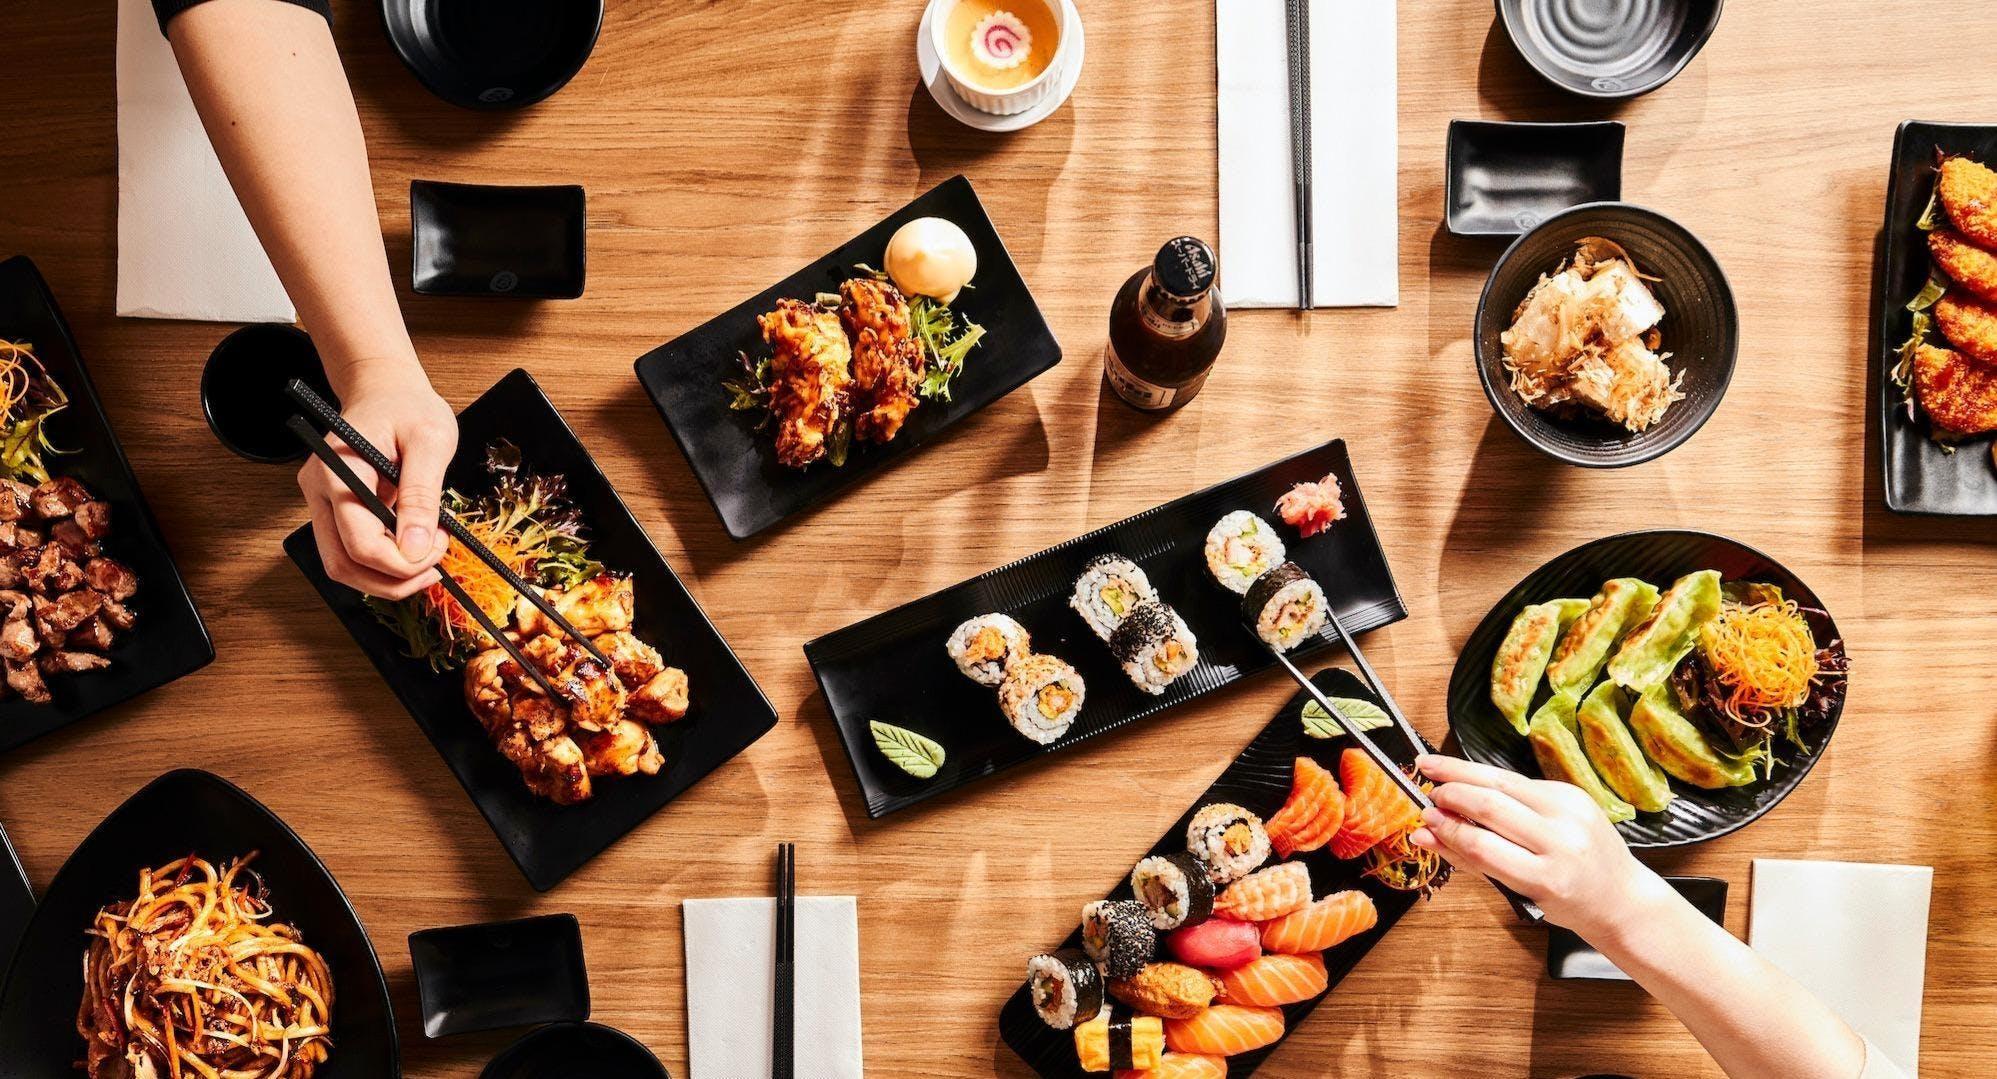 Photo of restaurant Okami - Narre Warren in Narre Warren, Melbourne